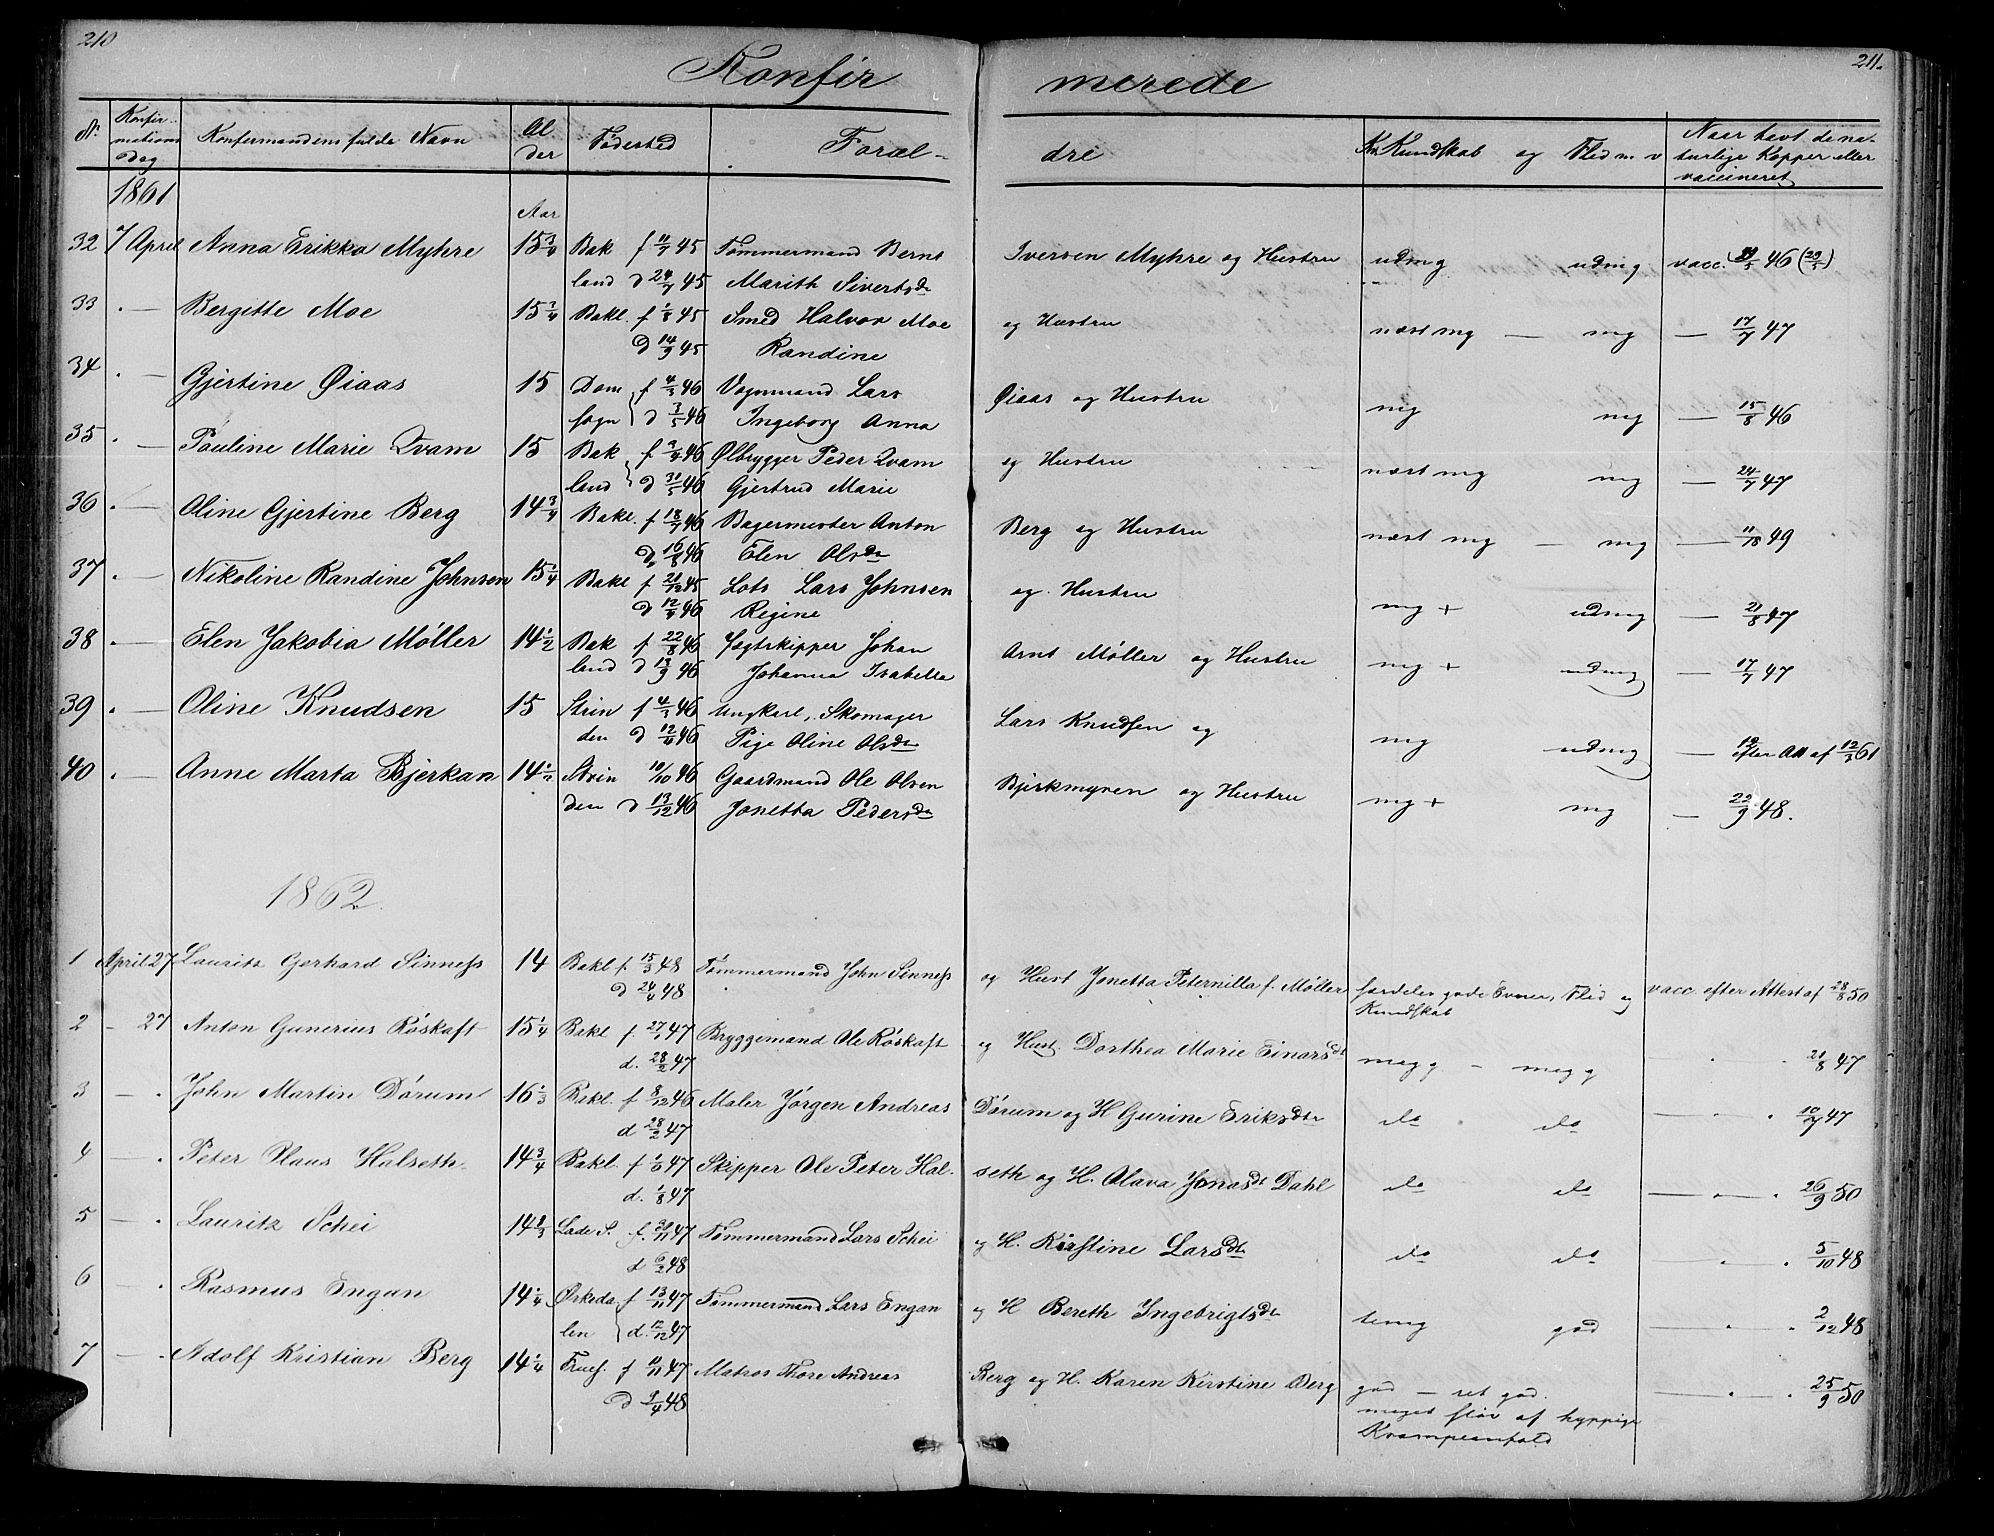 SAT, Ministerialprotokoller, klokkerbøker og fødselsregistre - Sør-Trøndelag, 604/L0219: Klokkerbok nr. 604C02, 1851-1869, s. 210-211